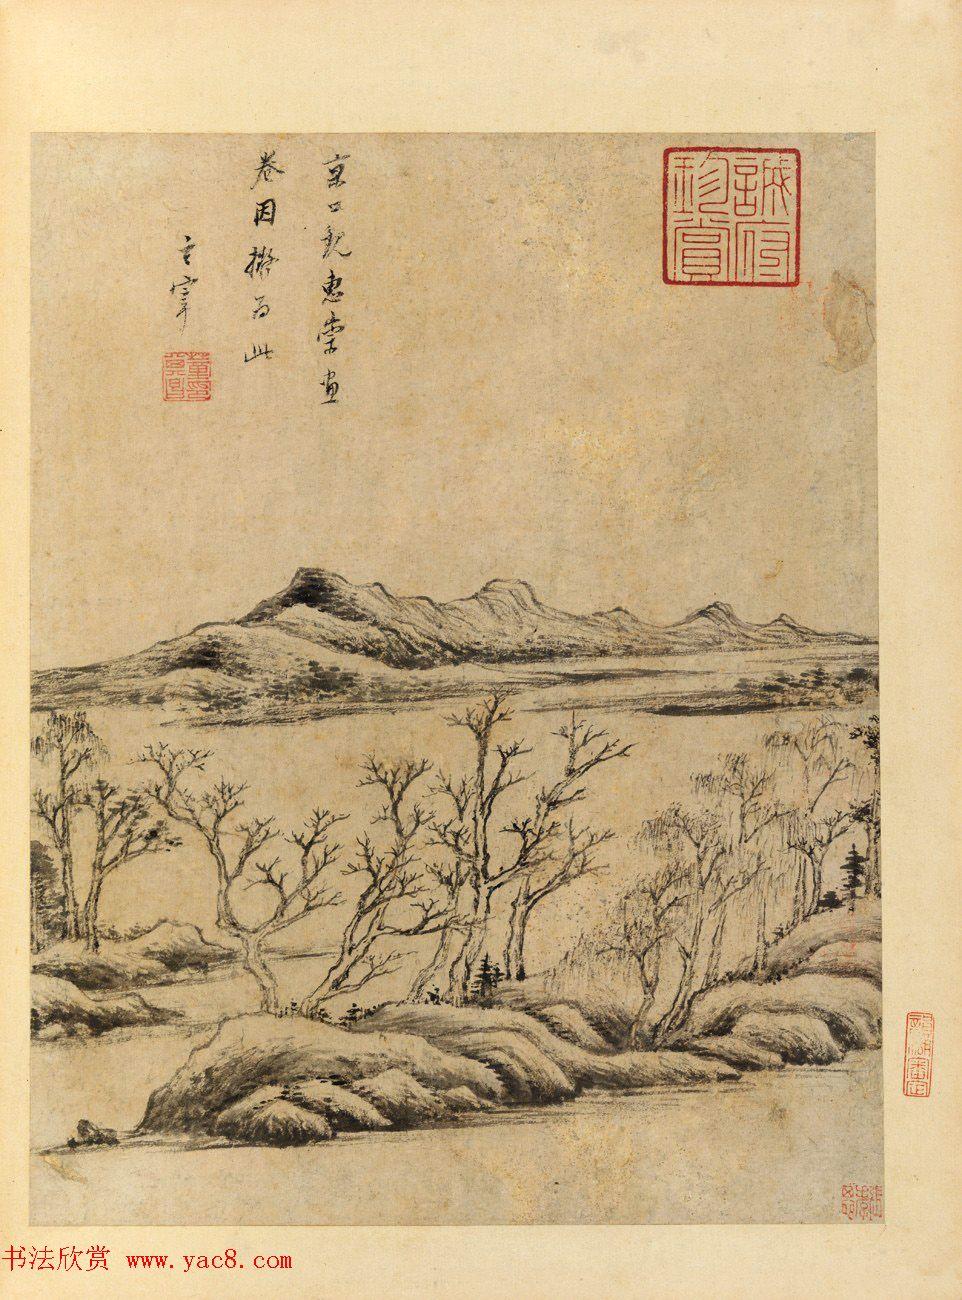 董其昌59岁书画合璧山水小景册页